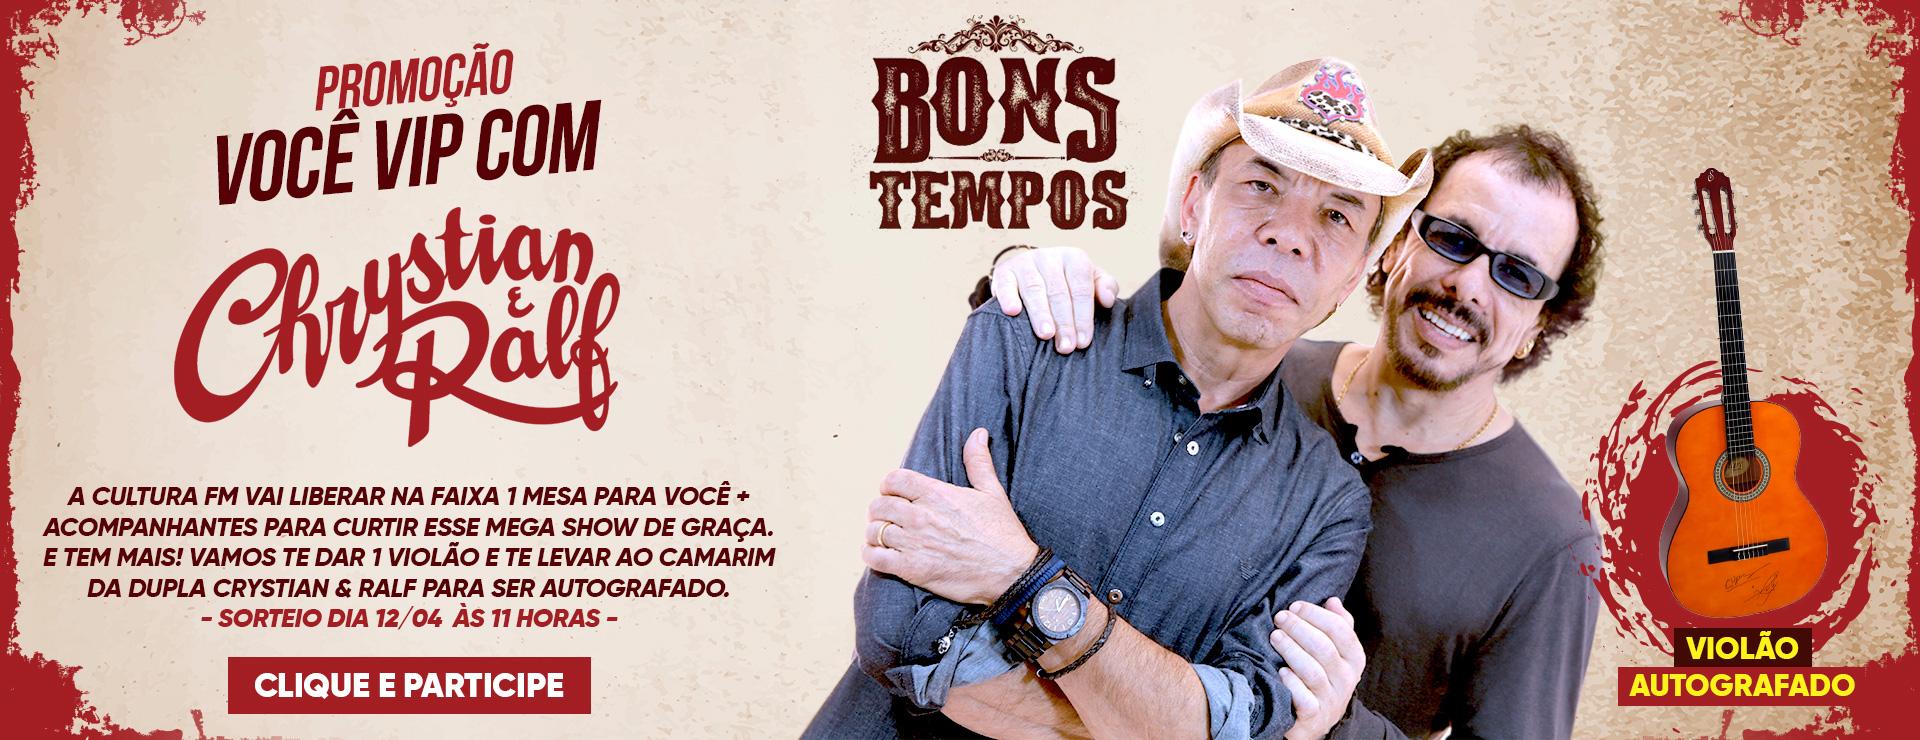 Promoção você VIP no show do Chrystian & Ralf em Uberlândia.